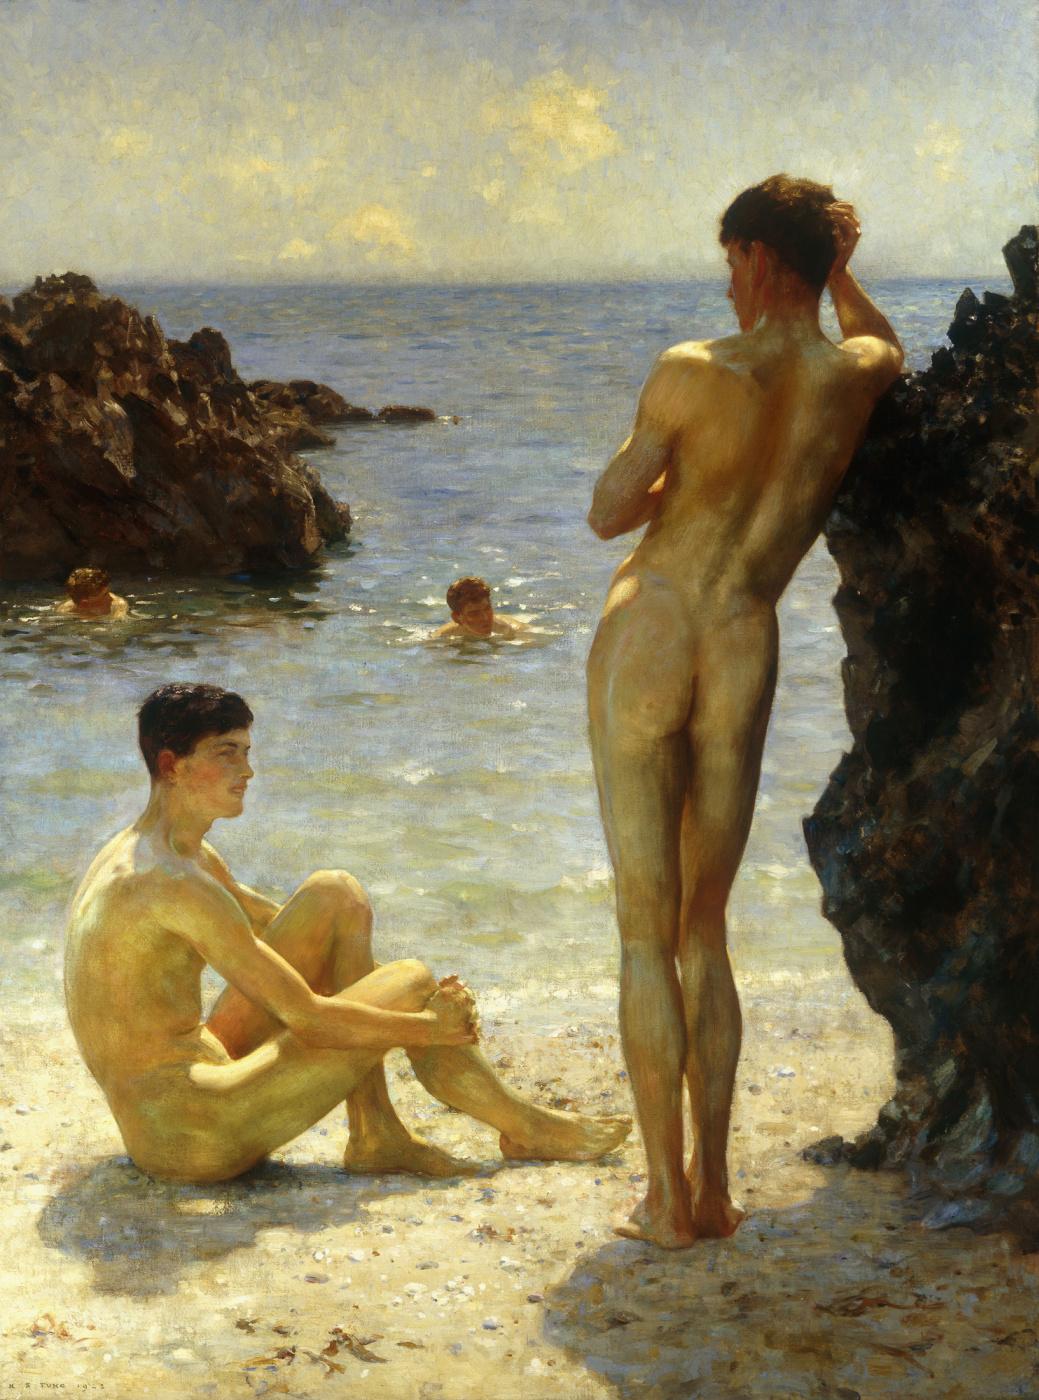 Tuke Henry Scott. 1858-1929. A Lovers of the Sun, 1923